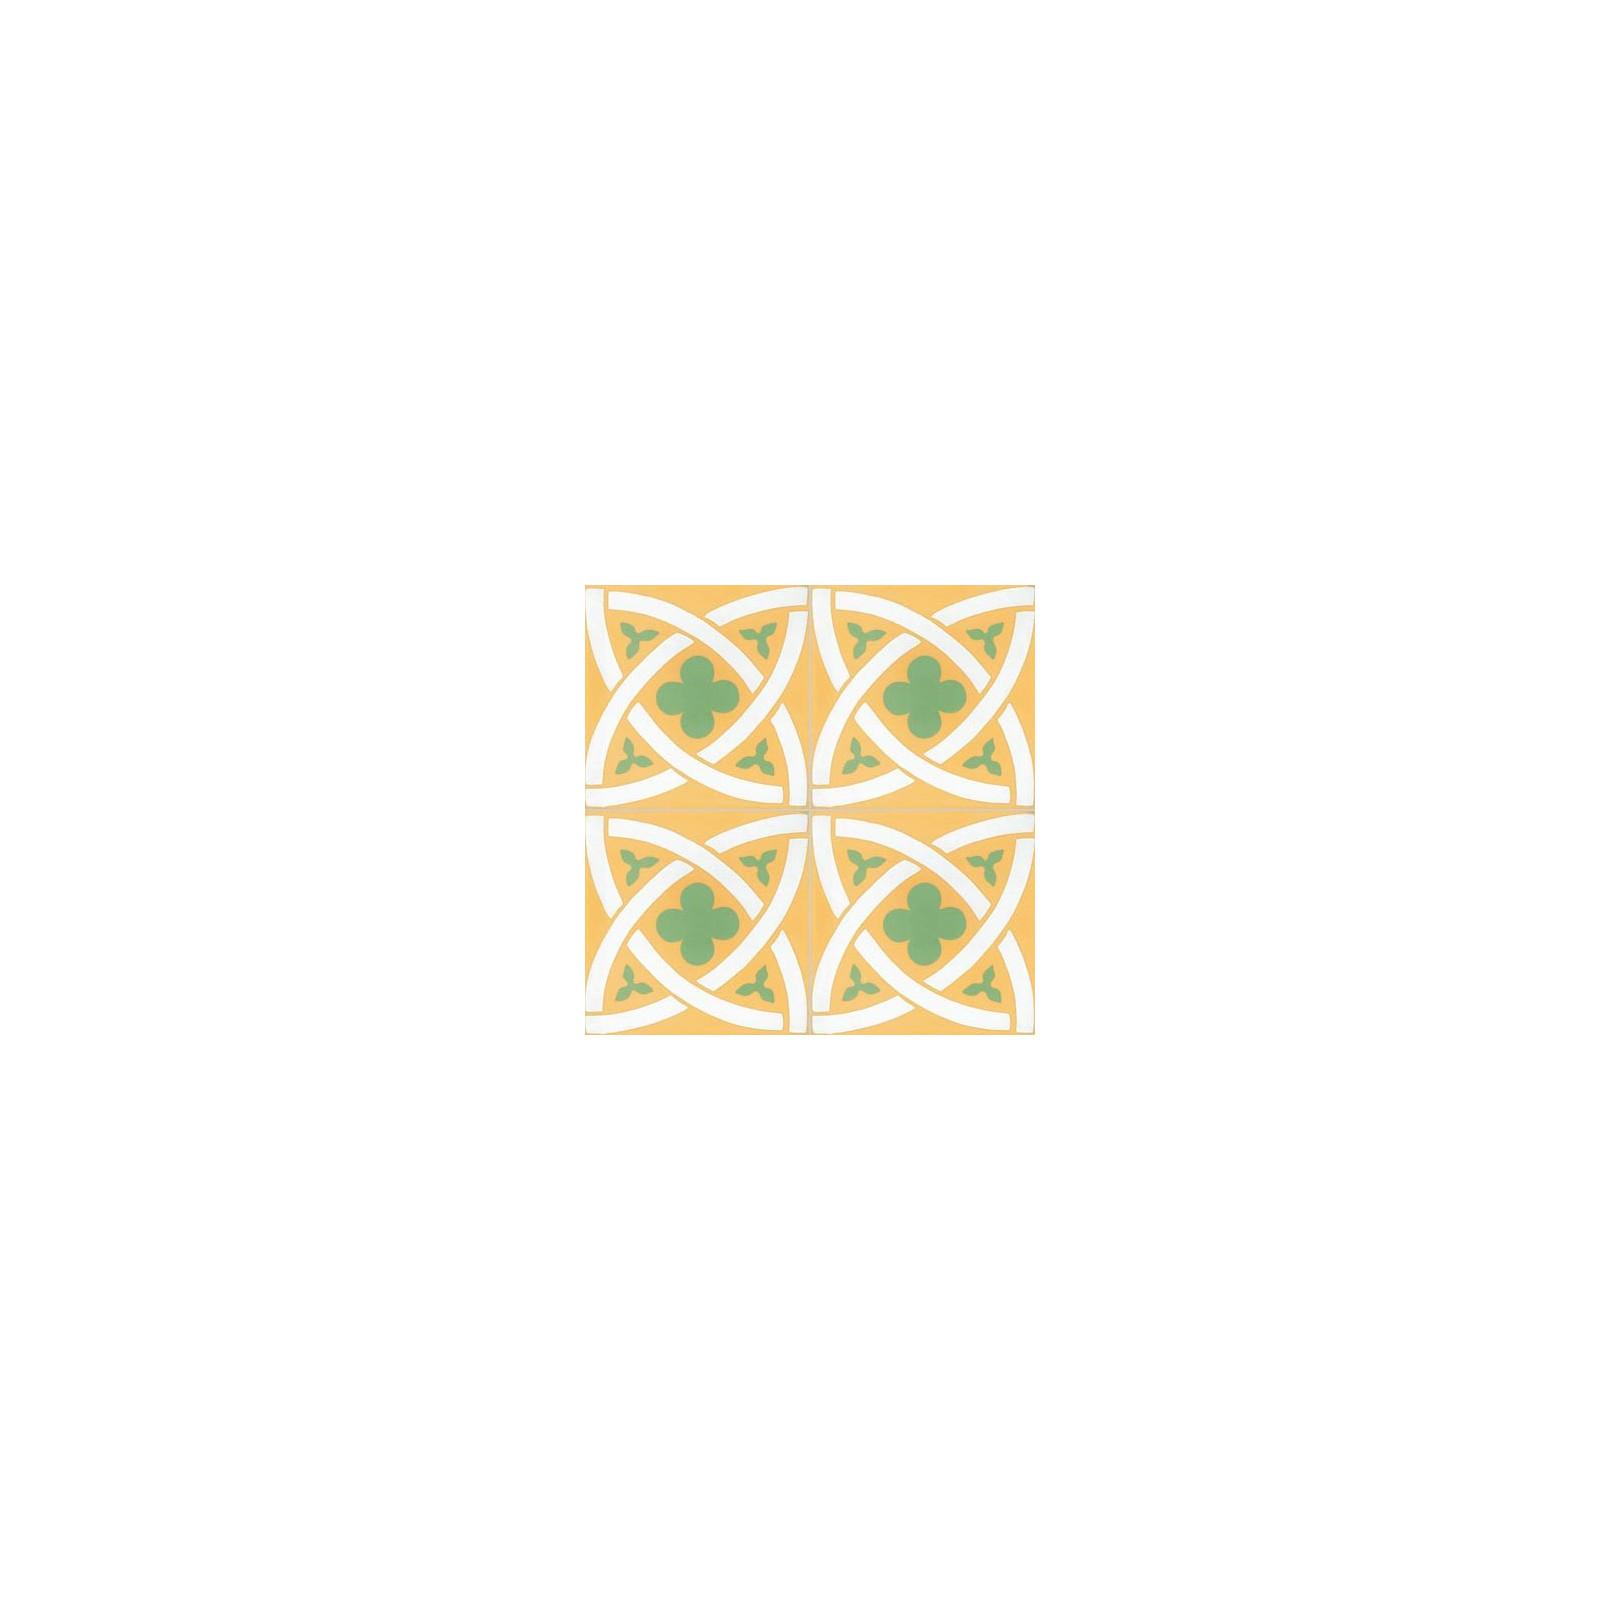 Carreau De Ciment Colore Motif Jaune Blanc Et Vert T02 10 17 18 Casalux Home Design